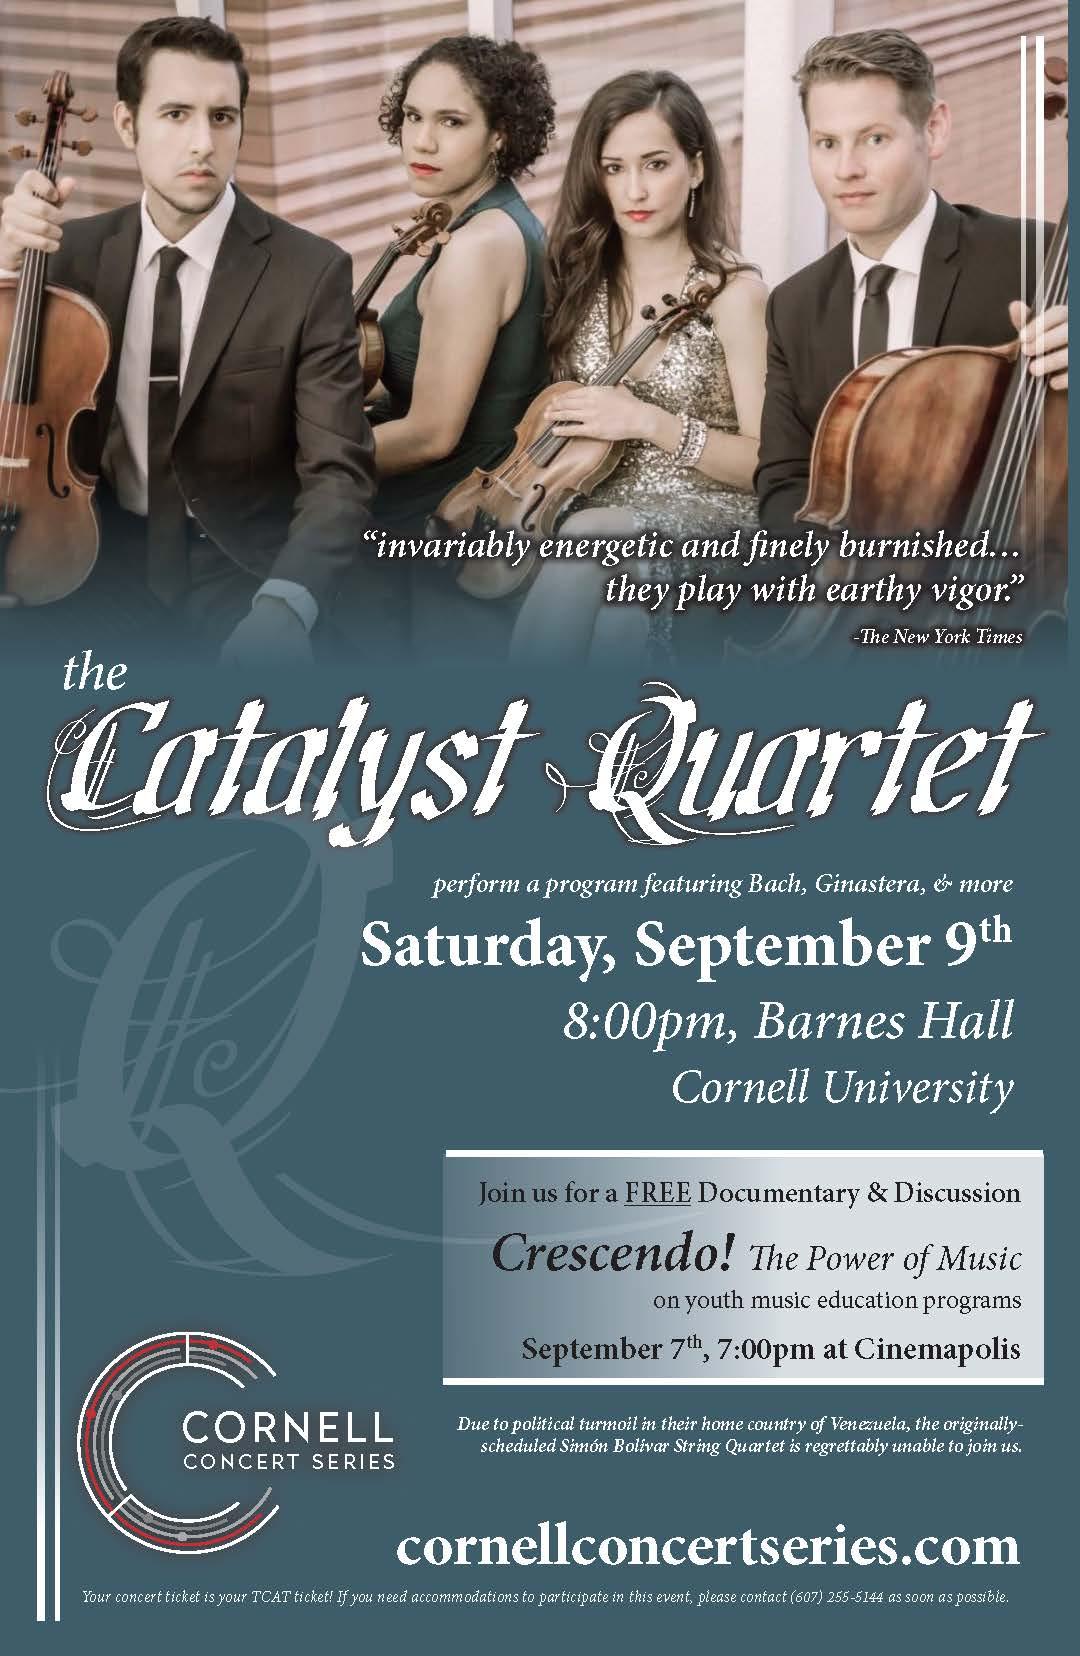 Catalyst Quartet 11x17.jpg